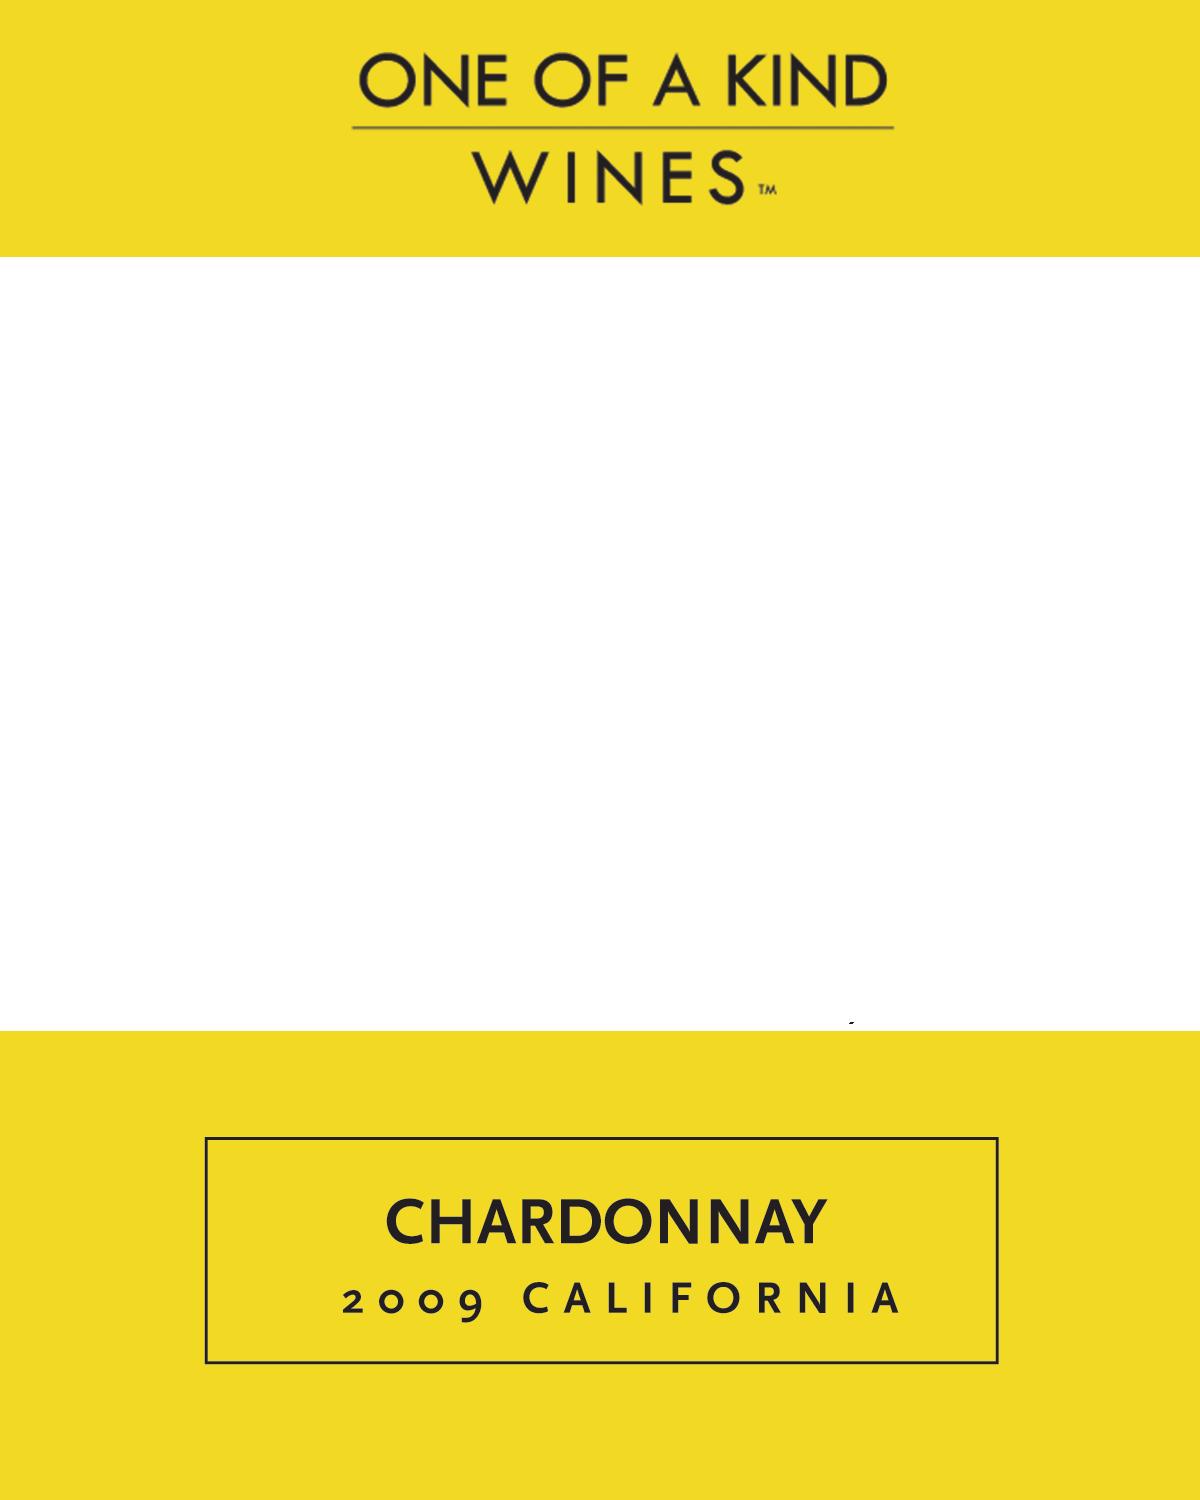 2009 Chardonnay